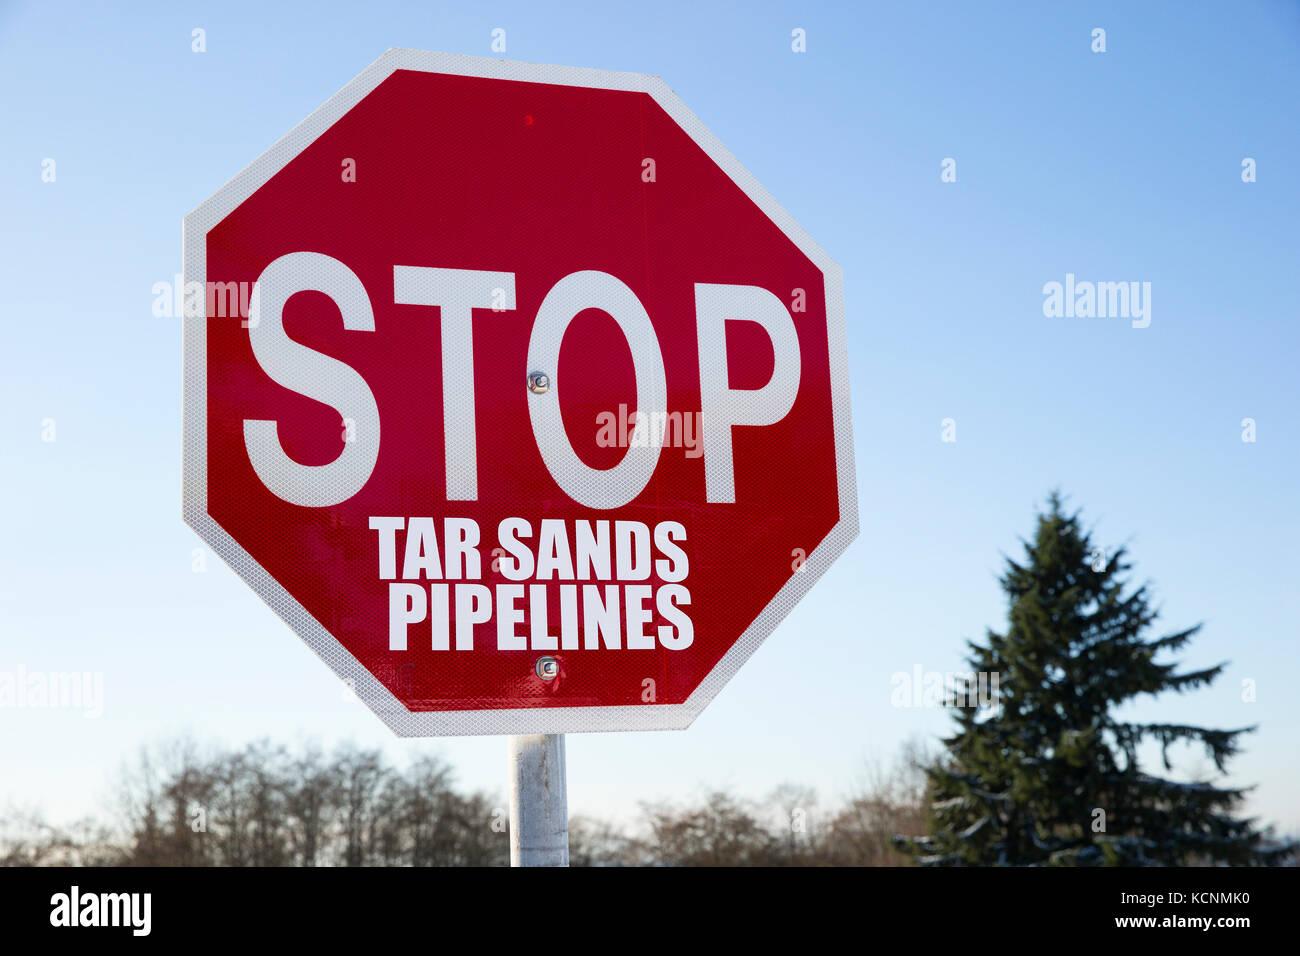 La señal de stop, modificado para protestar Kinder Morgan propuesto del proyecto de ampliación de la canalización, Imagen De Stock